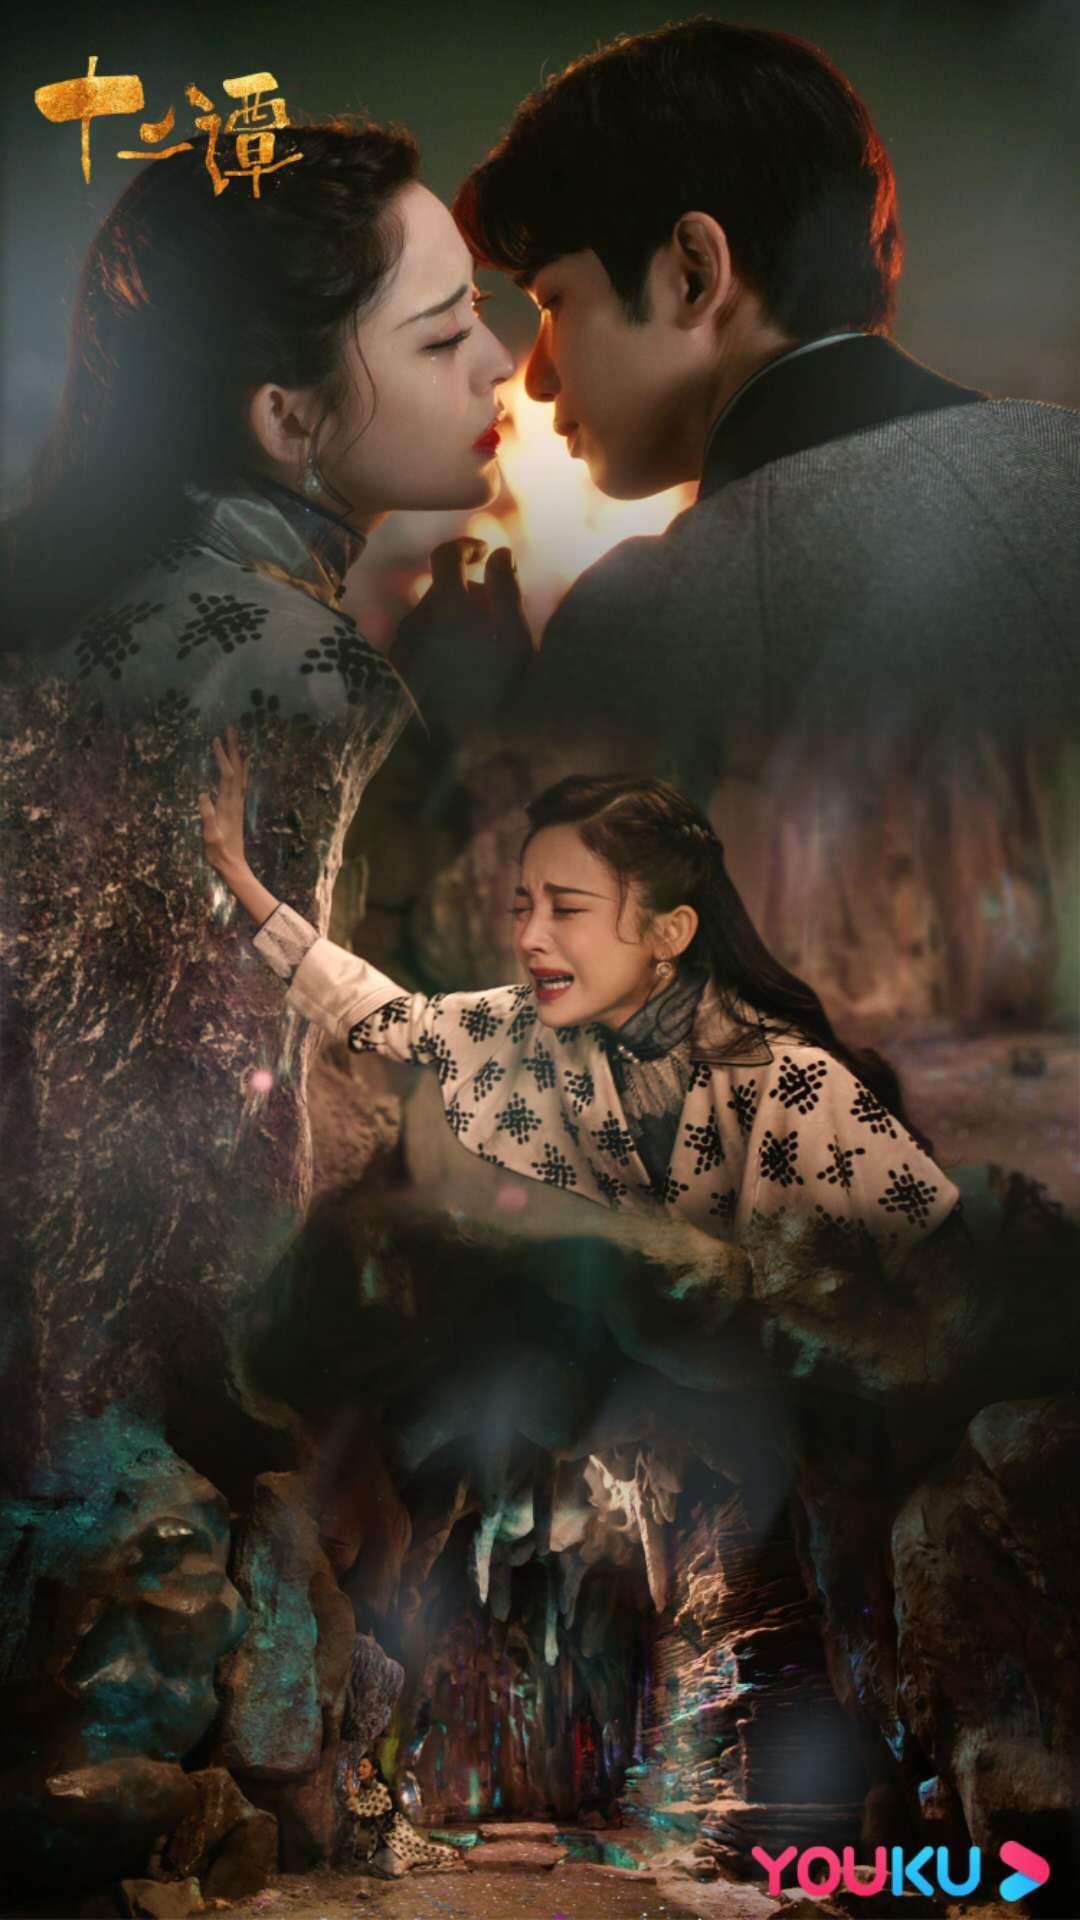 电影《十二谭》迅雷下载1080p.BD中英双字幕高清下载